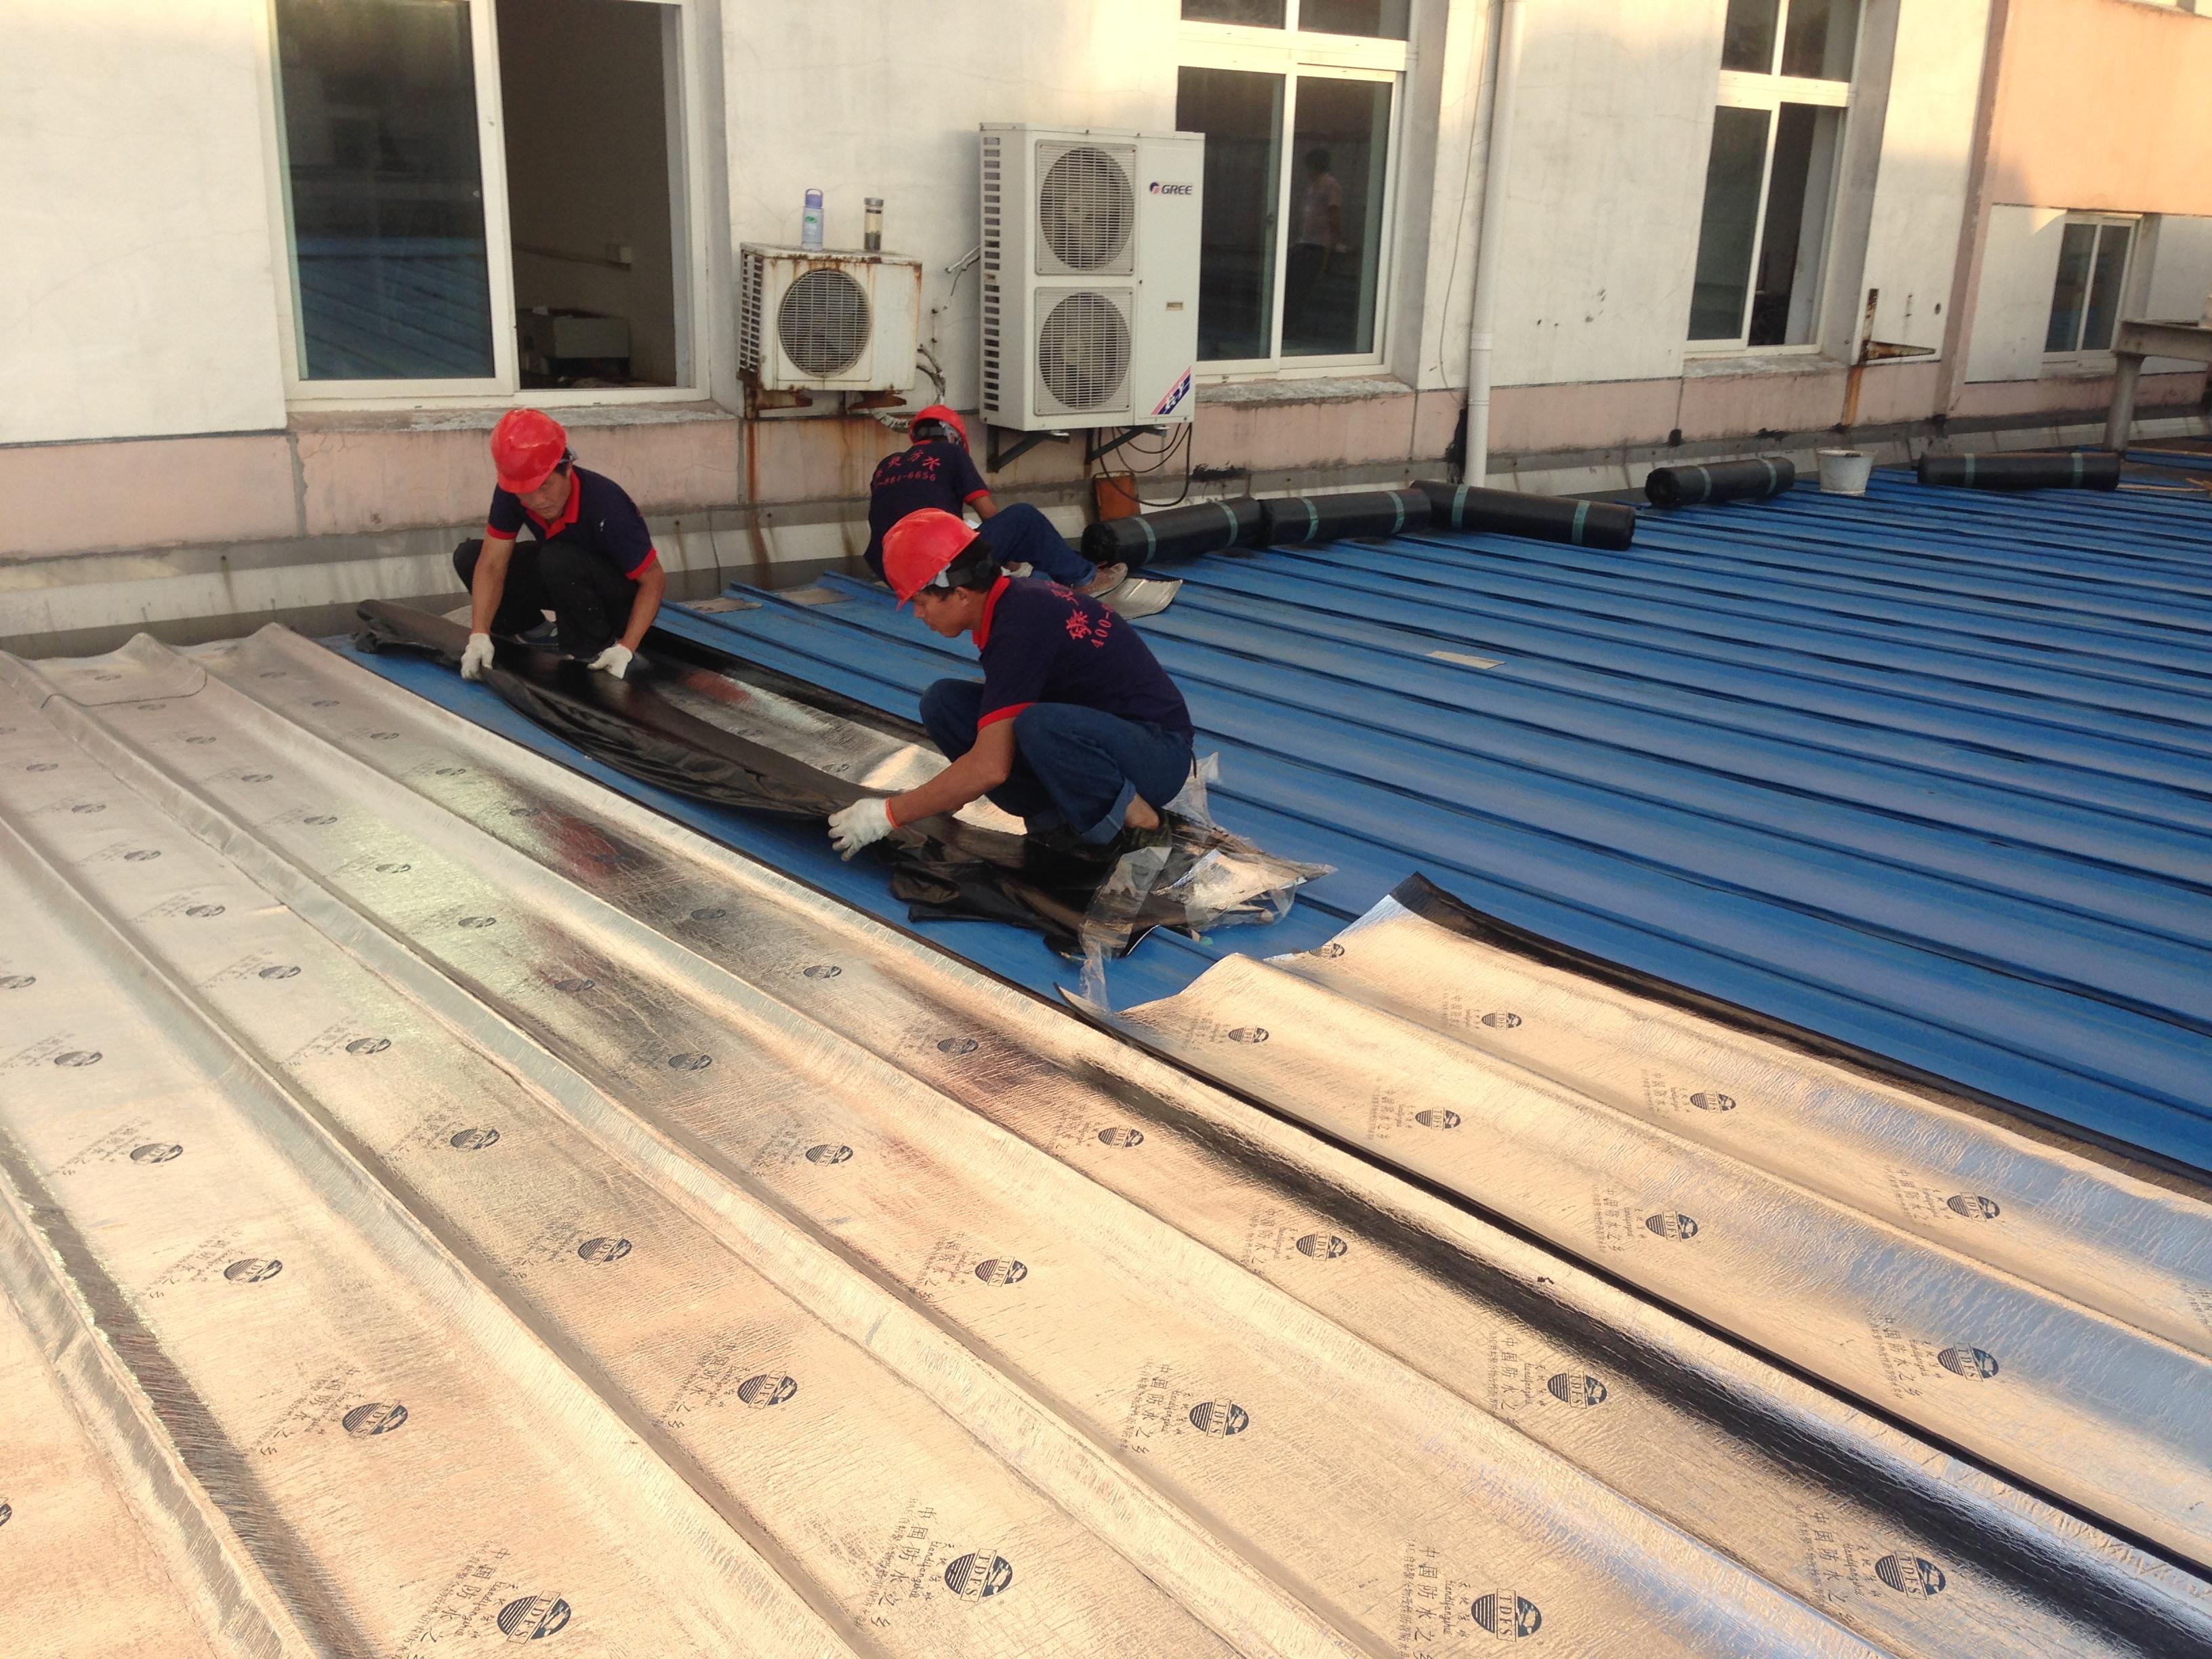 無錫房屋防水維修公司:彩鋼瓦房屋結構的防水維修/屋頂是平面帶有